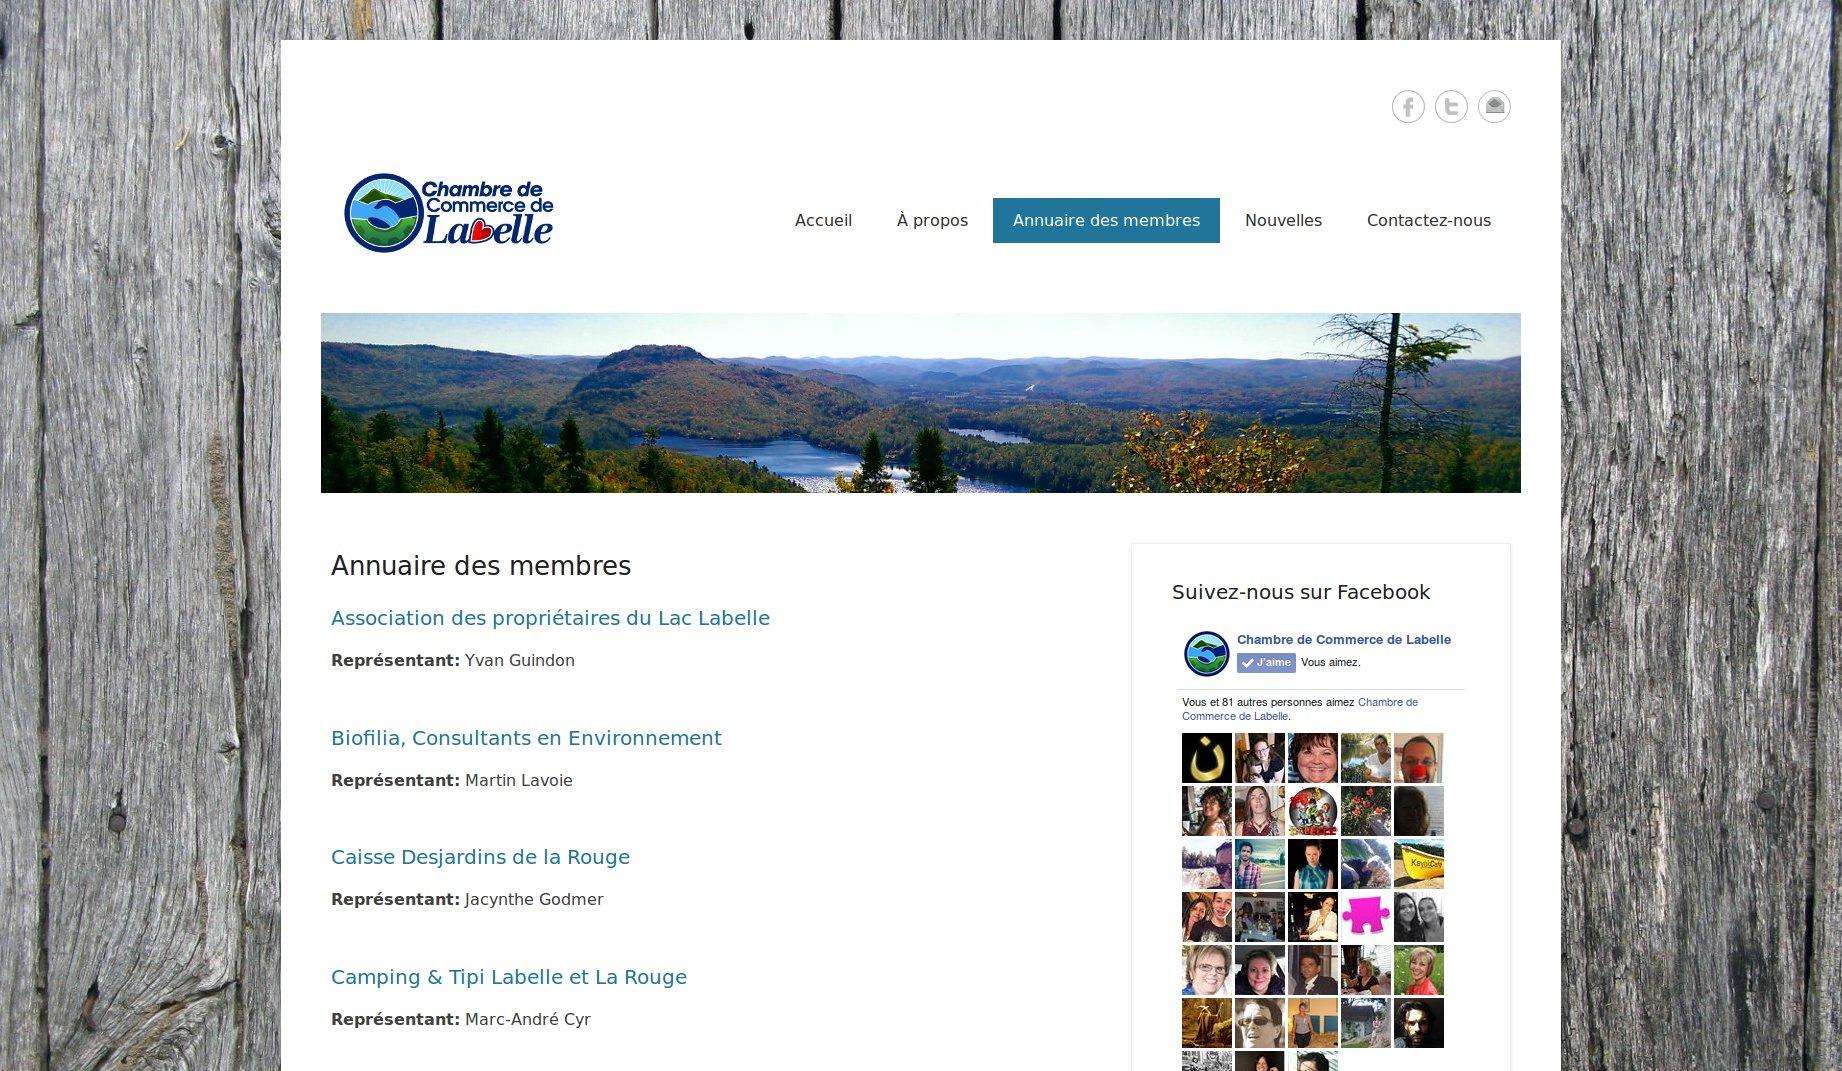 Chambre de commerce de labelle pme solution site for Chambre de commerce de